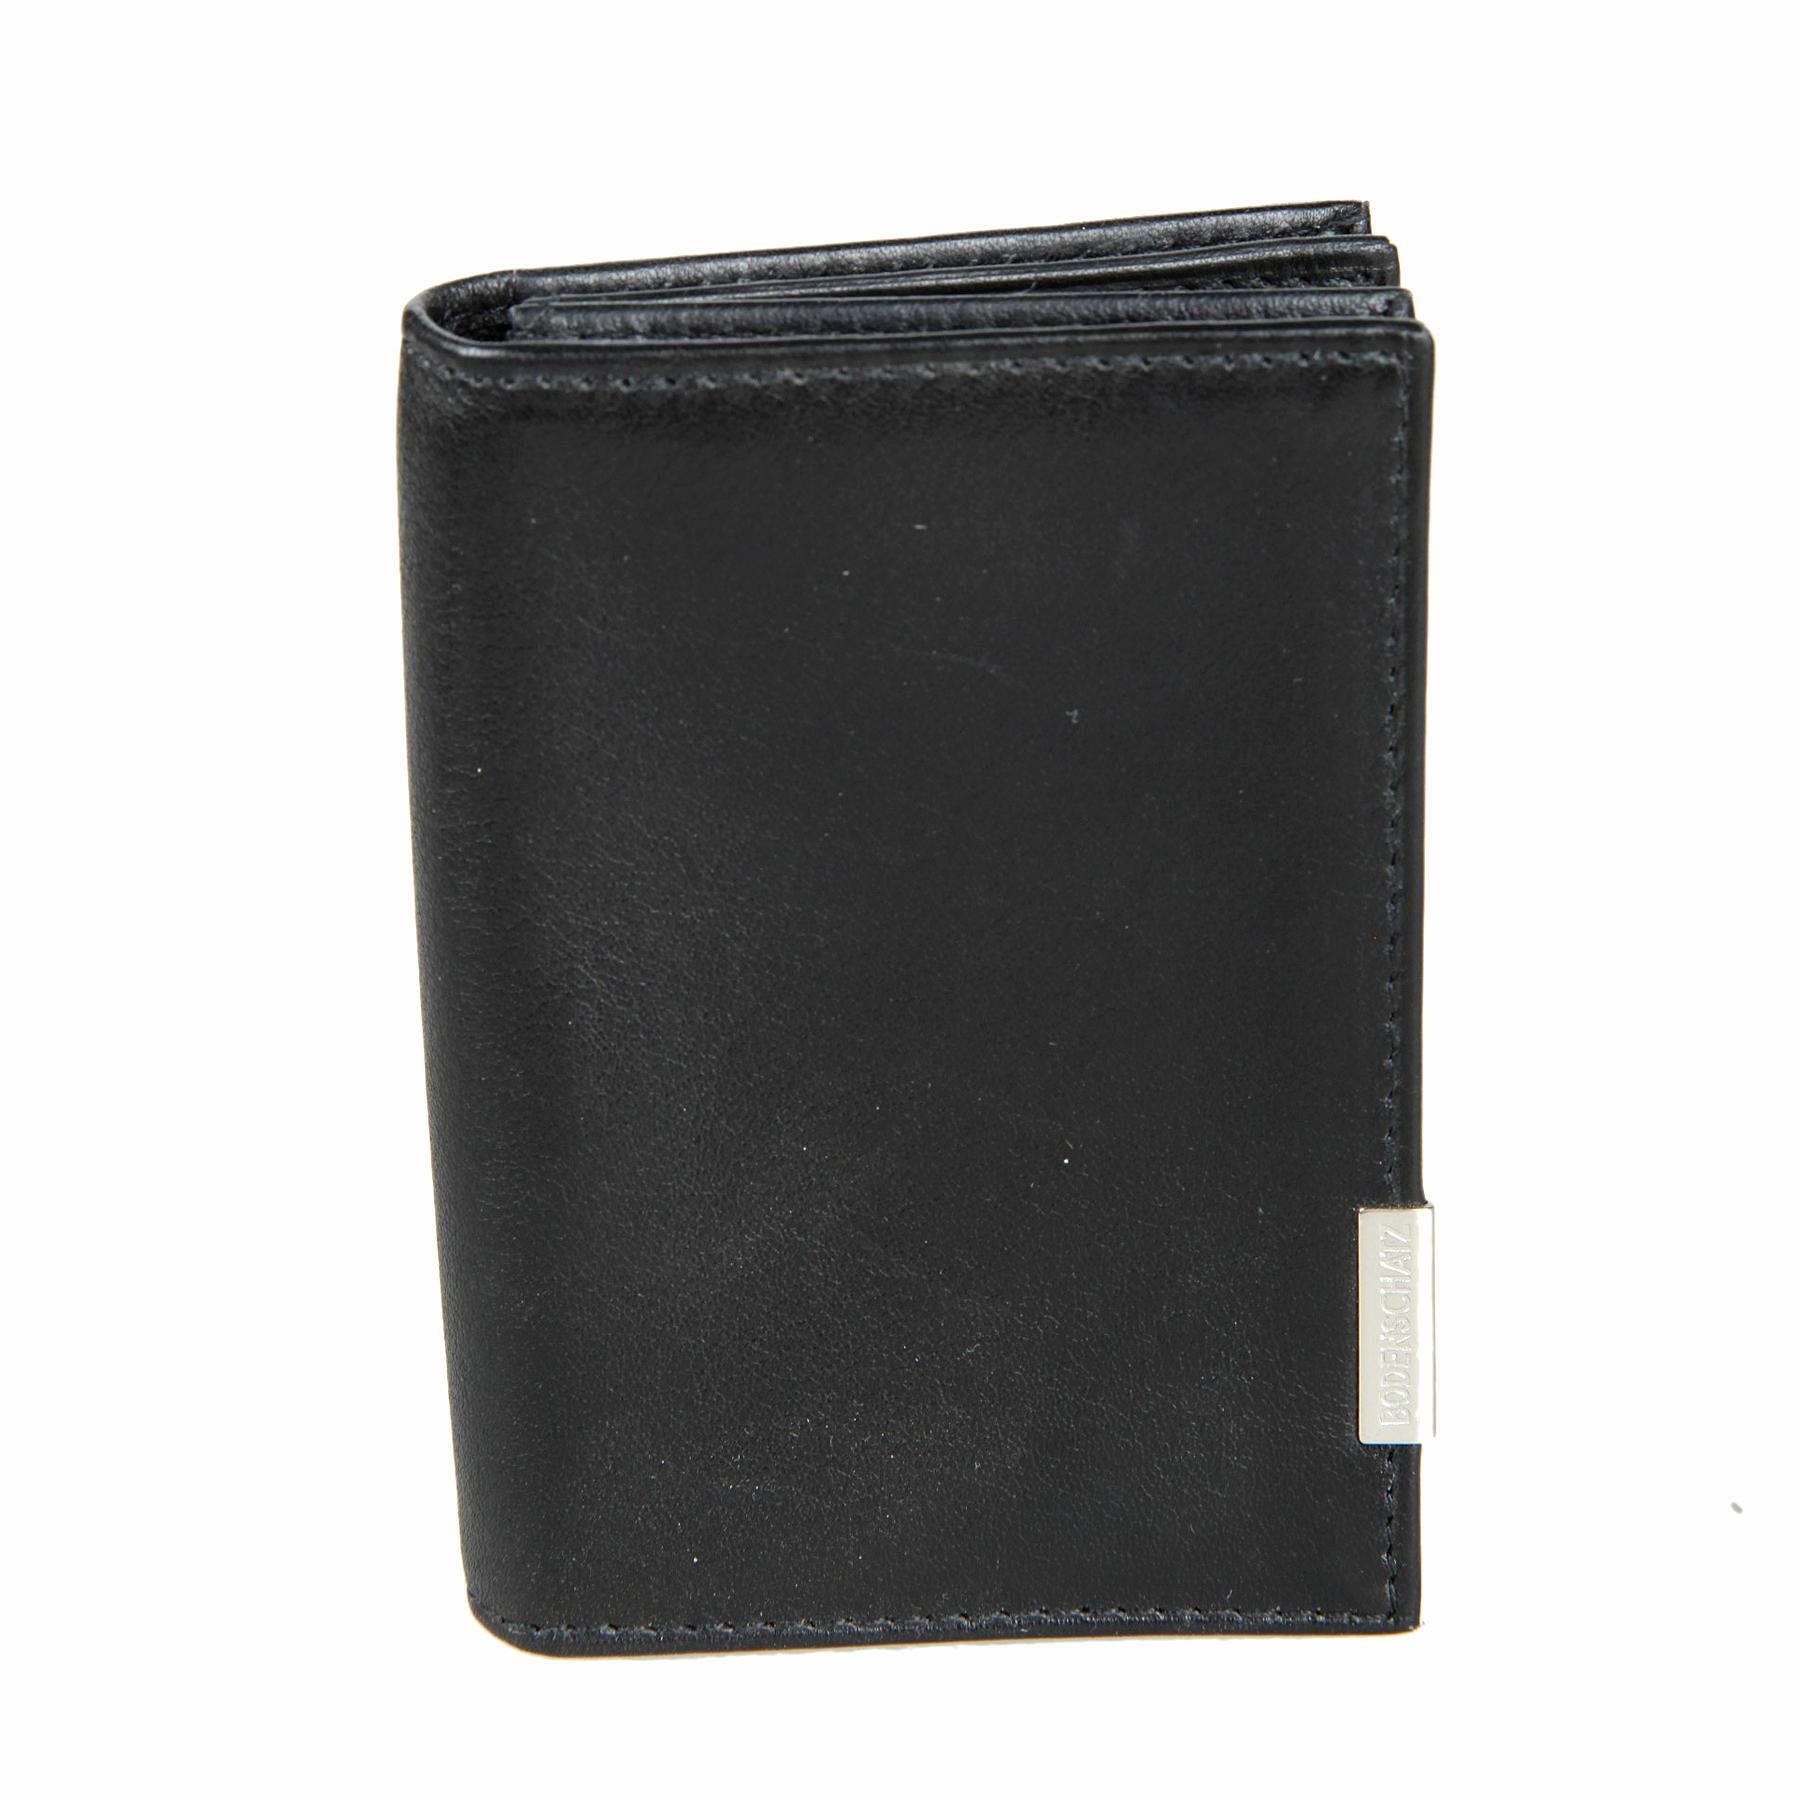 Визитница мужская Bodenschatz, цвет: черный. 8-783 black8-783 blackРаскладывается пополам, закрывается на кнопку, внутри два отдела для визиток и пластиковых карт.